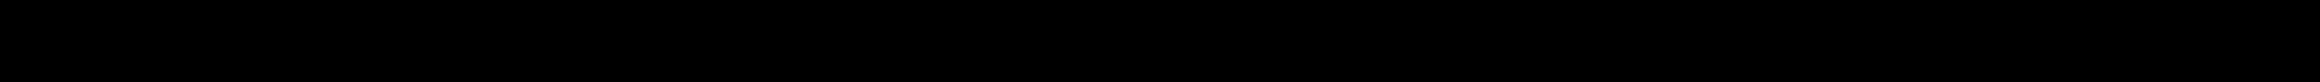 DENSO 46449690, 46480307, 46521529, 46550991, 60512848 Zündkerze